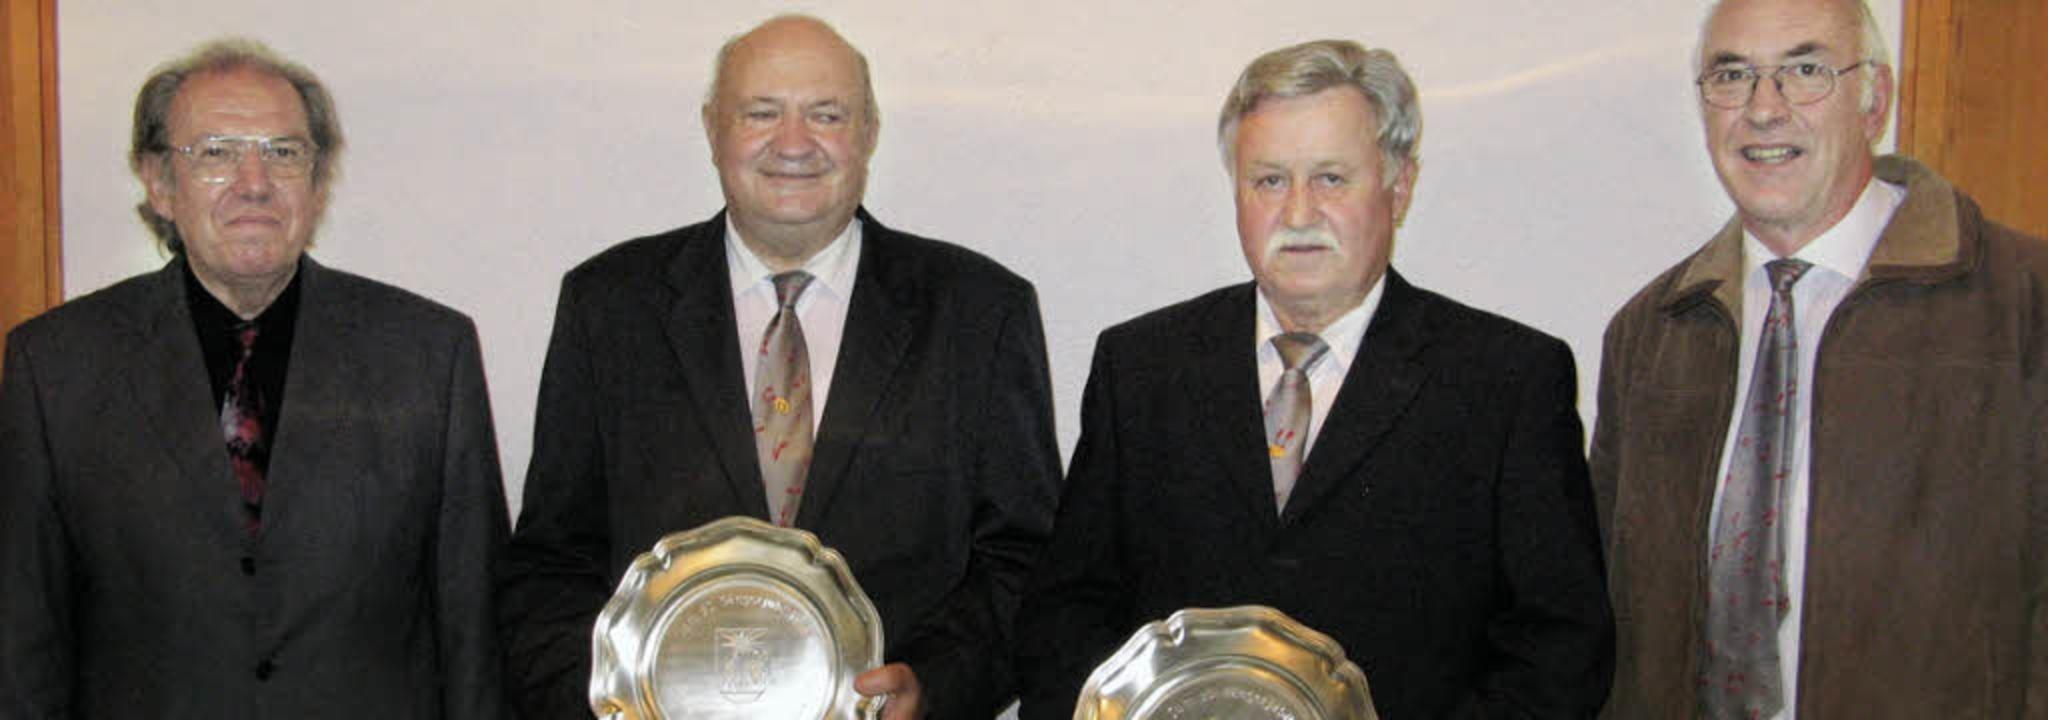 Helmut Schwitalla (links) und  Hansjör...mann (2. von links) und  Rolf Haigis.     Foto: Sedlak